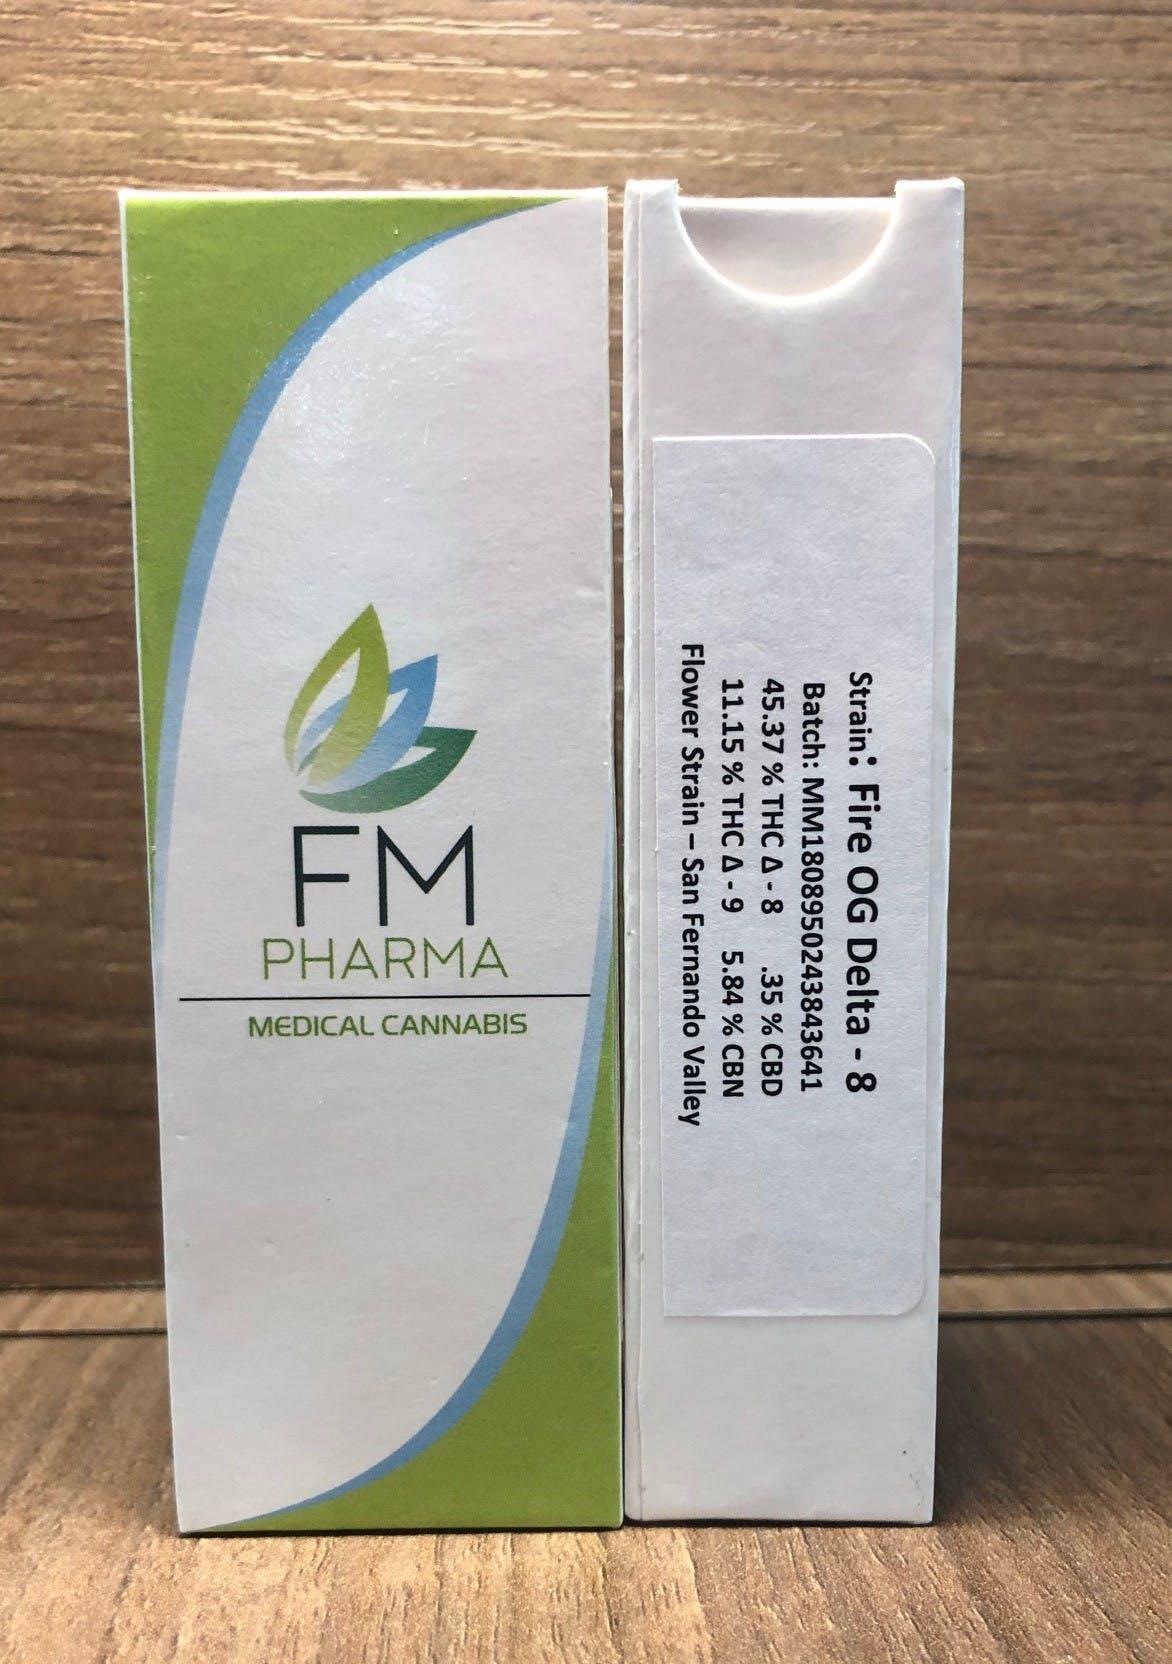 marijuana-dispensaries-420-aga-26frac14-3beybanai-san-juan-fire-og-delta-8-45-37-25thc-11-15-25-thc-9